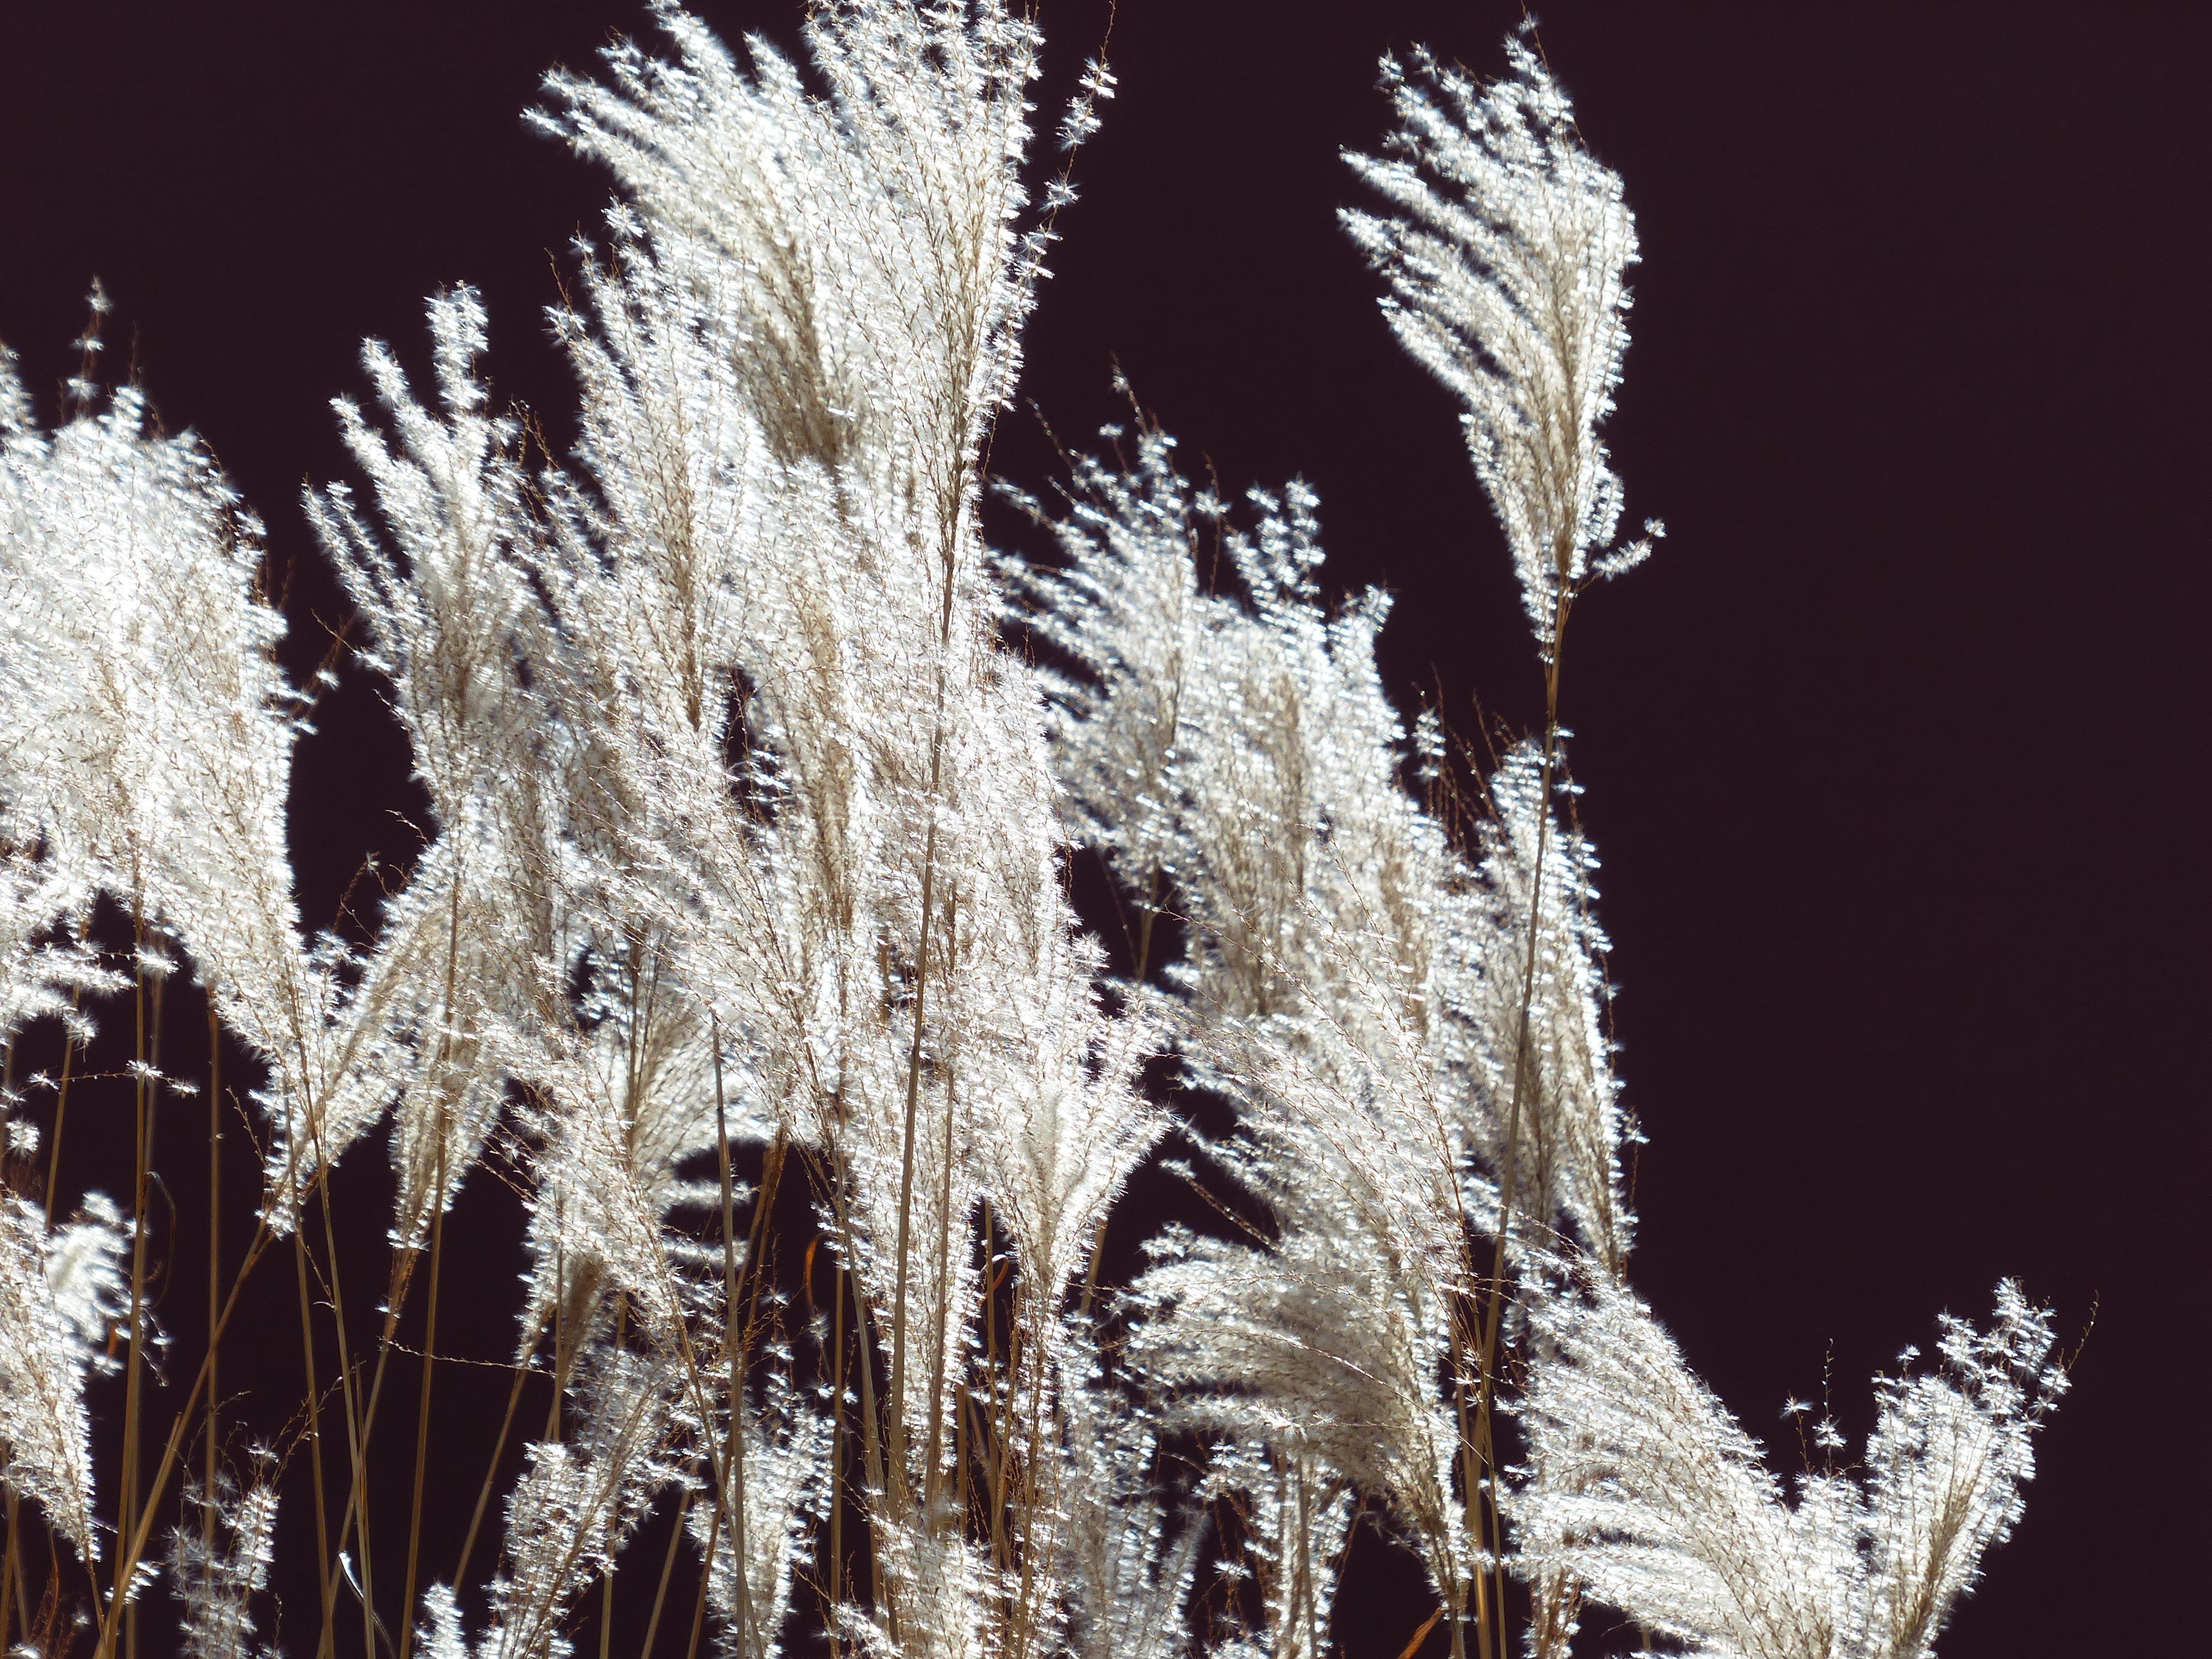 images gratuites arbre la nature herbe branche neige hiver plante feuille fleur gel. Black Bedroom Furniture Sets. Home Design Ideas